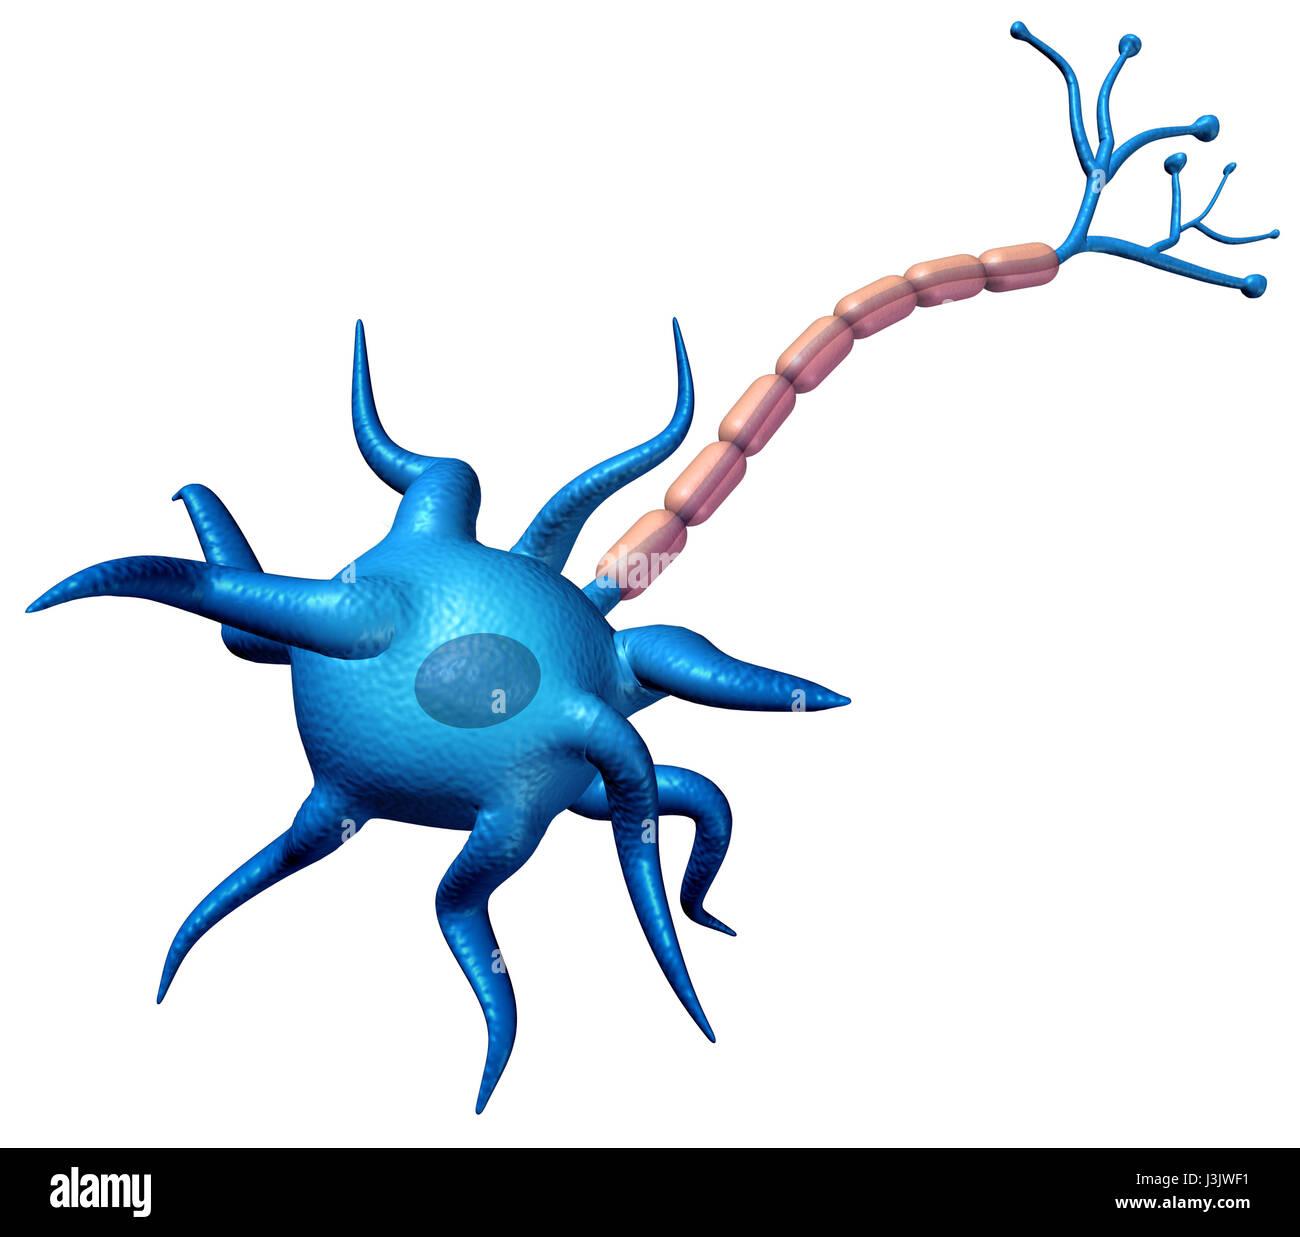 Synapse Neuron Körper Anatomie isoliert auf einem weißen Hintergrund ...